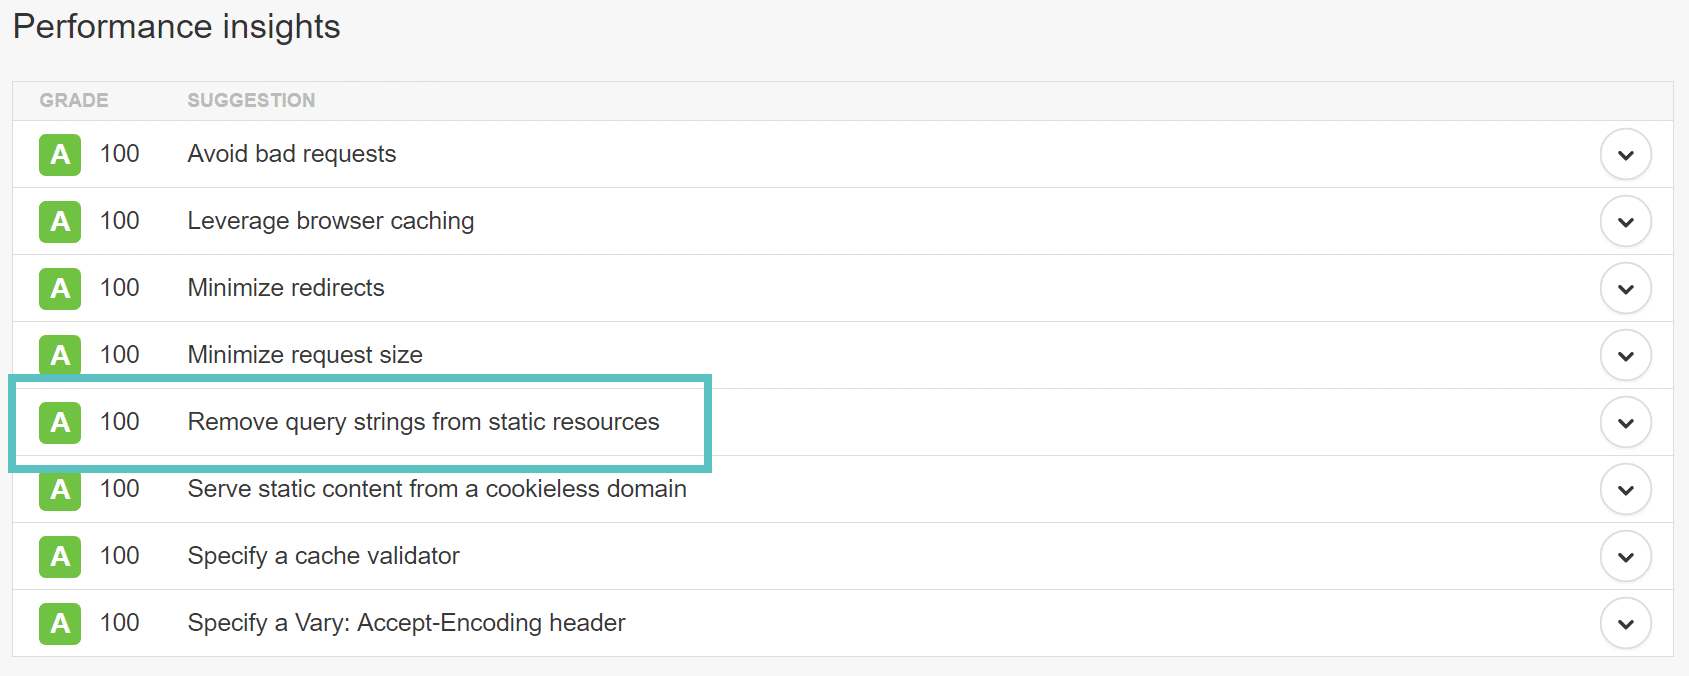 Avviso rimozione query string dalle risorse statiche